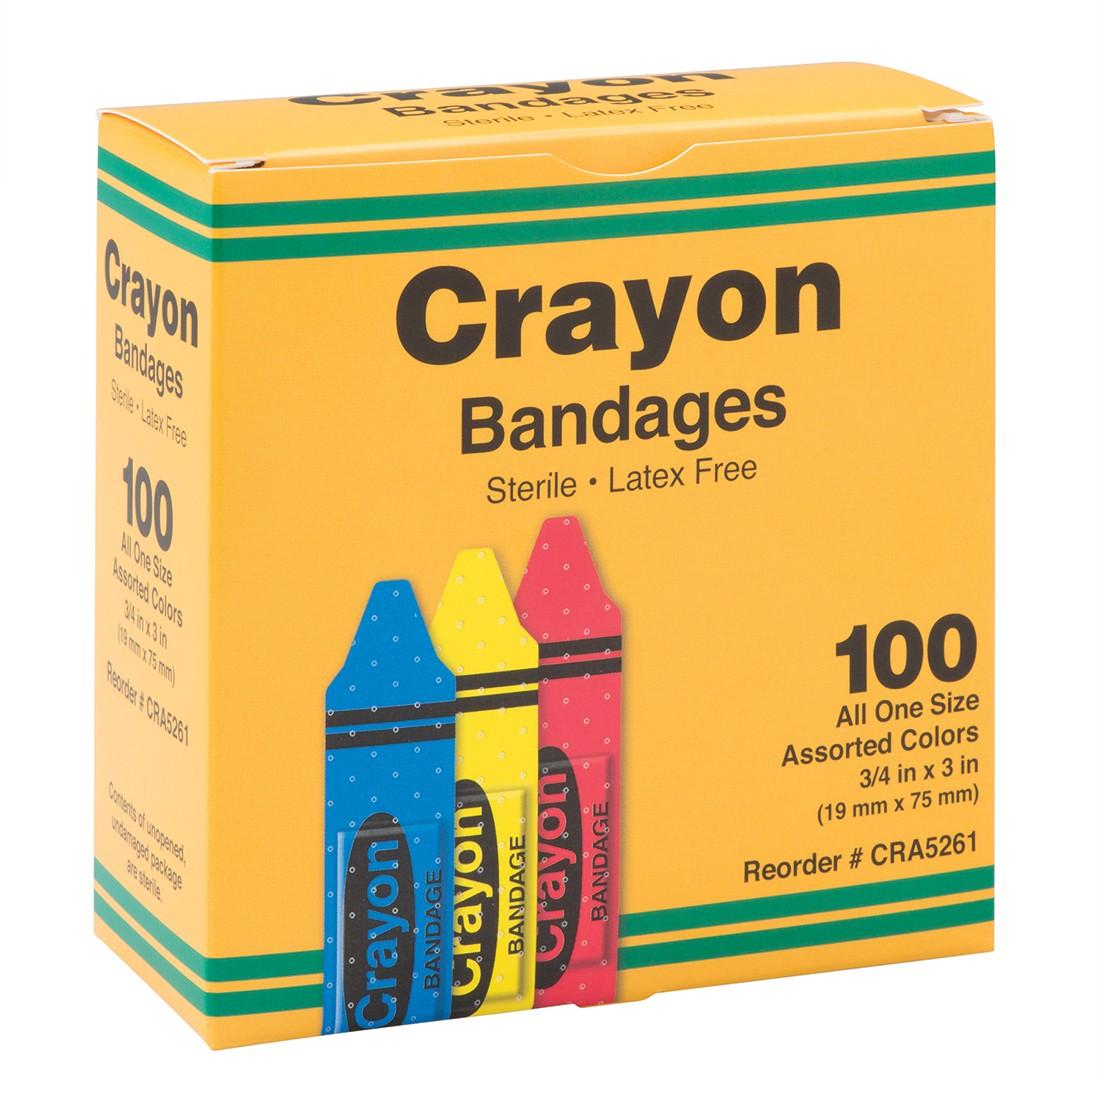 Case Crayon Bandages [image]